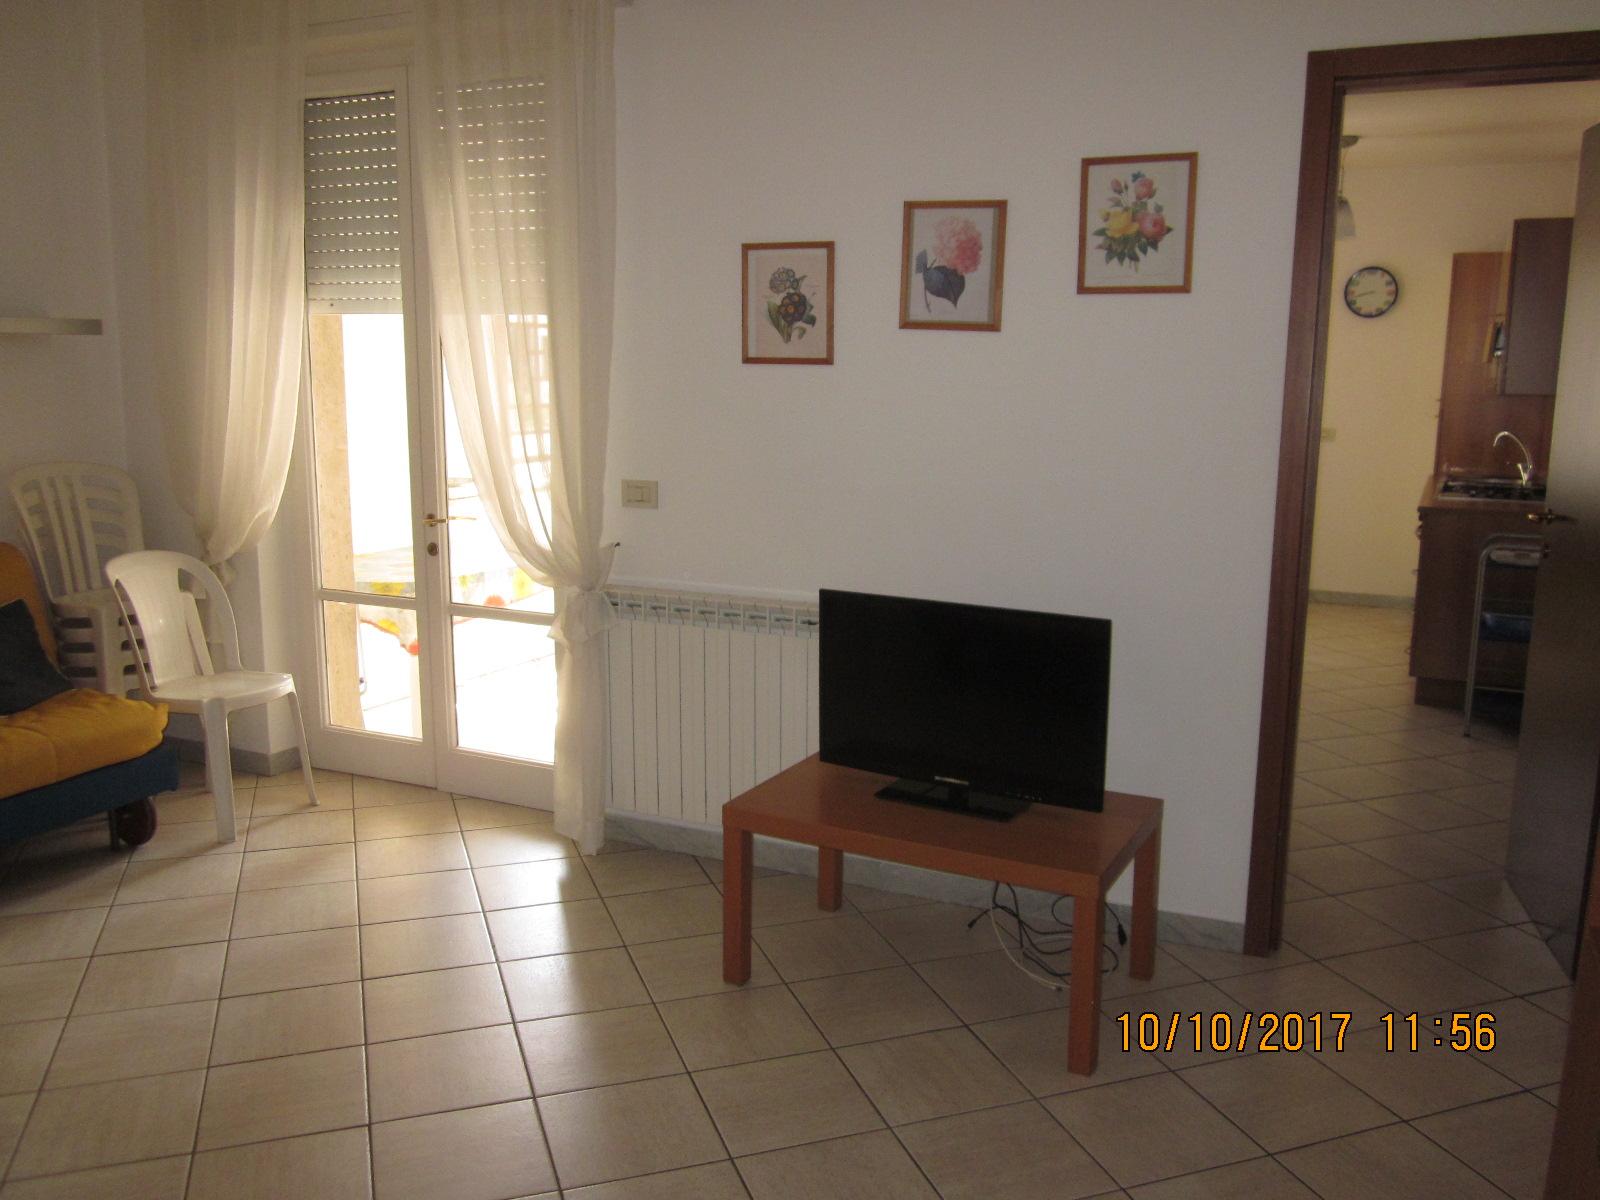 Cerca appartamento in affitto a viareggio cerco for Cerco appartamento in affitto